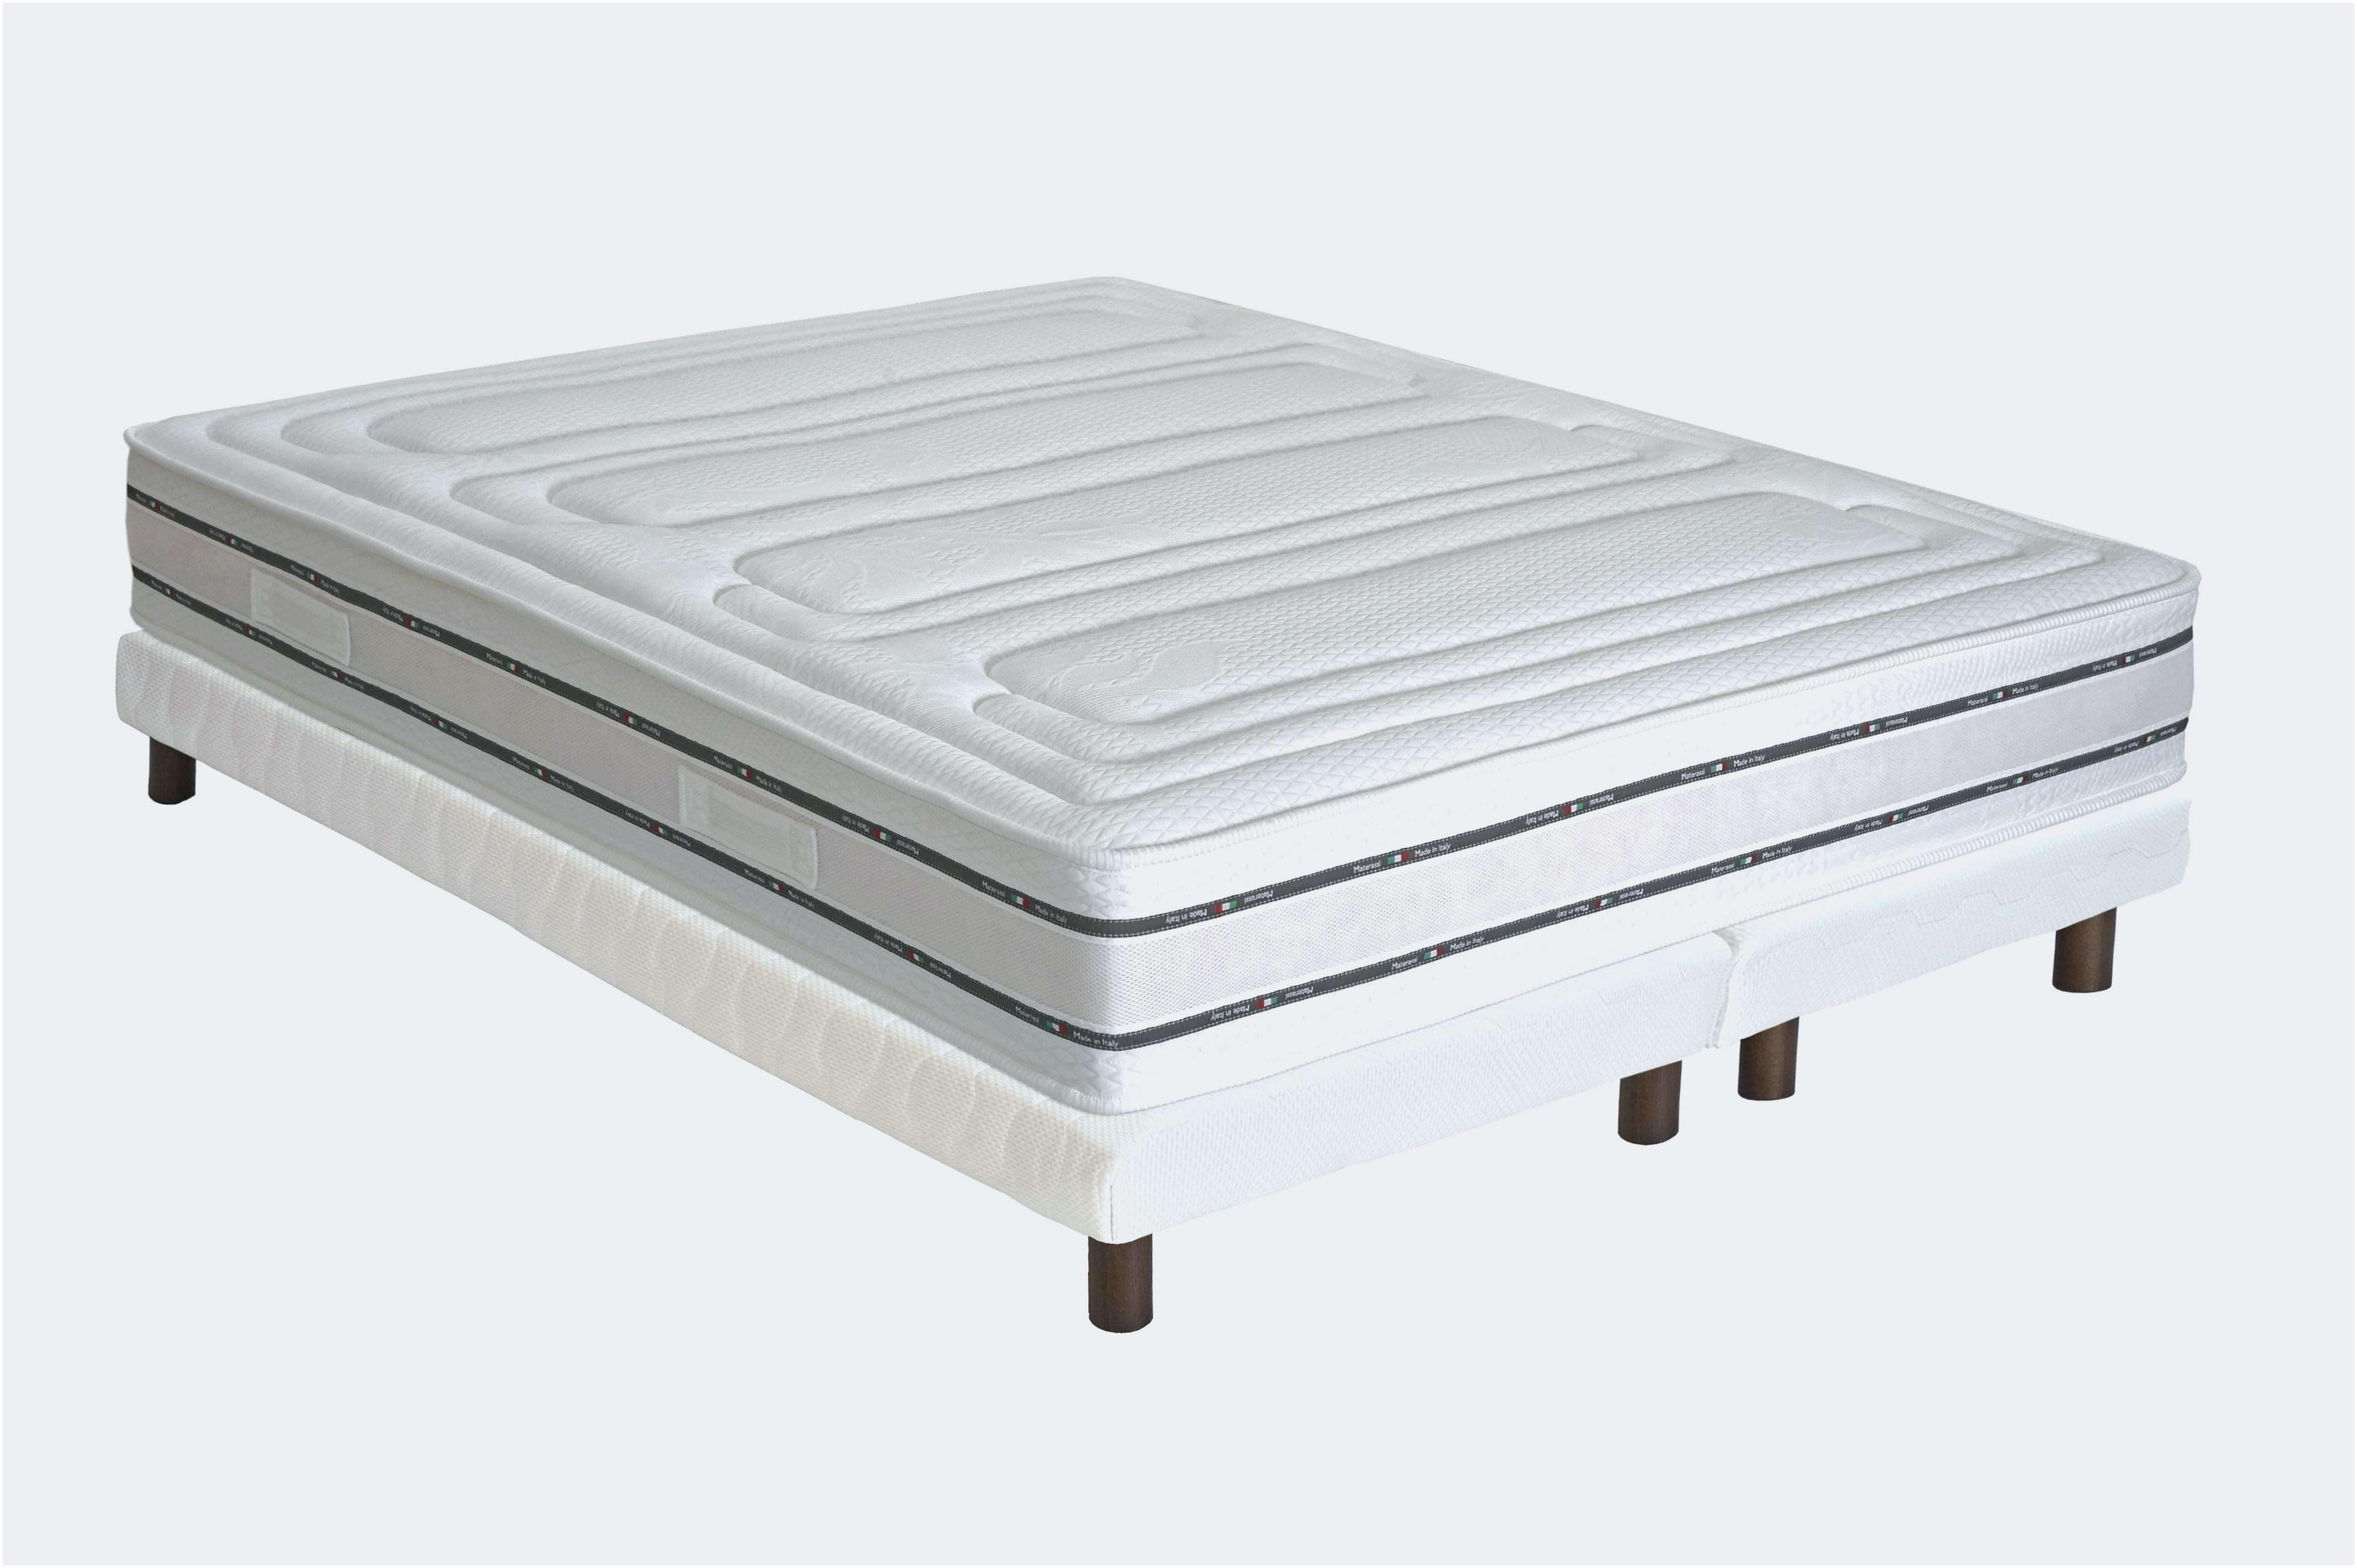 Lit 120×190 Ikea Douce Le Meilleur De Fantaisie Matelas 120×190 Pas Cher Generation Pour